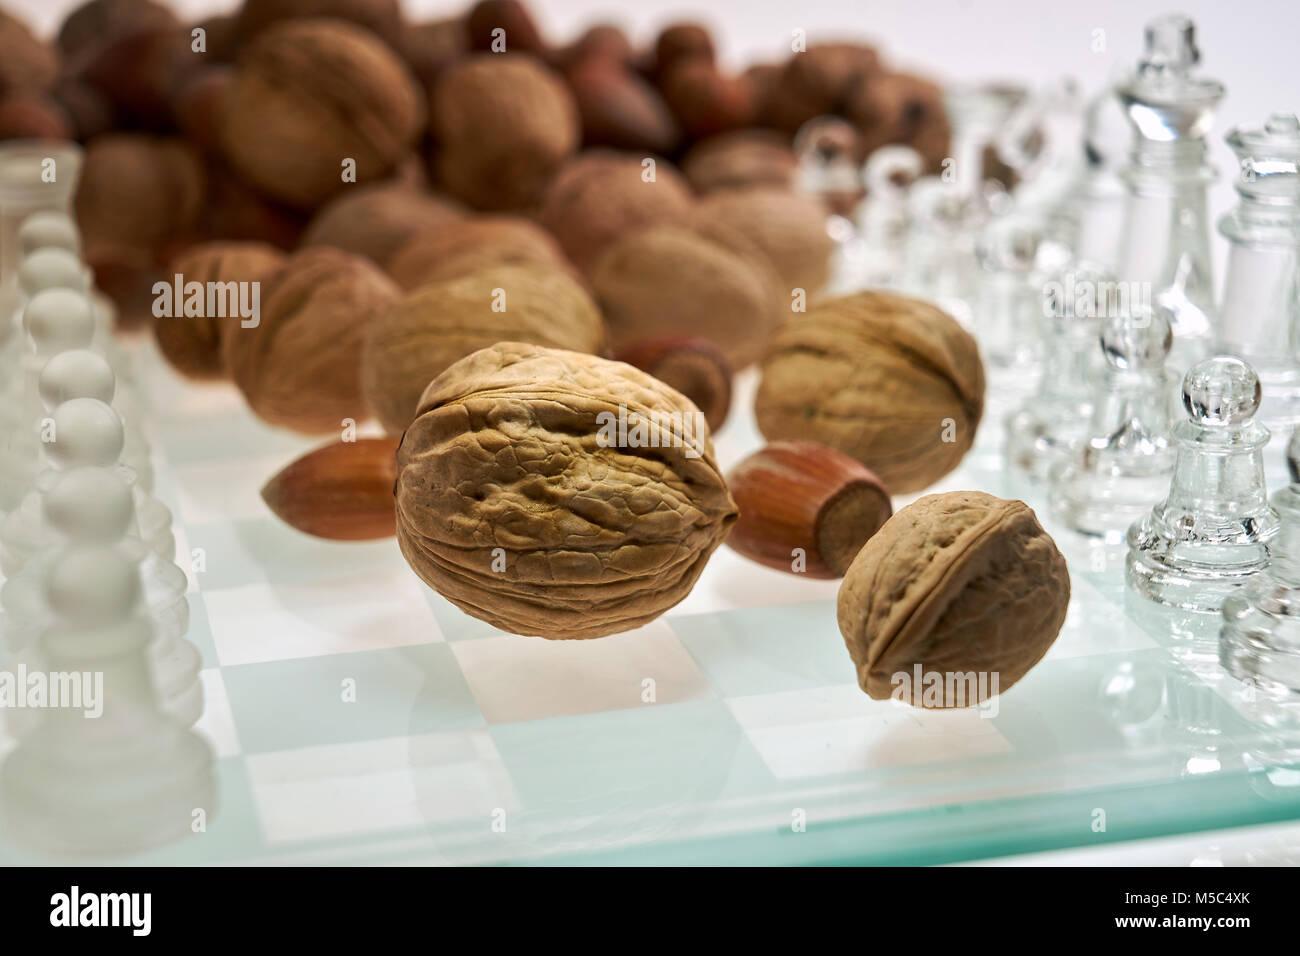 Améliorer l'efficacité du cerveau les écrous (visualisation) - Les échecs, échecs avec Photo Stock